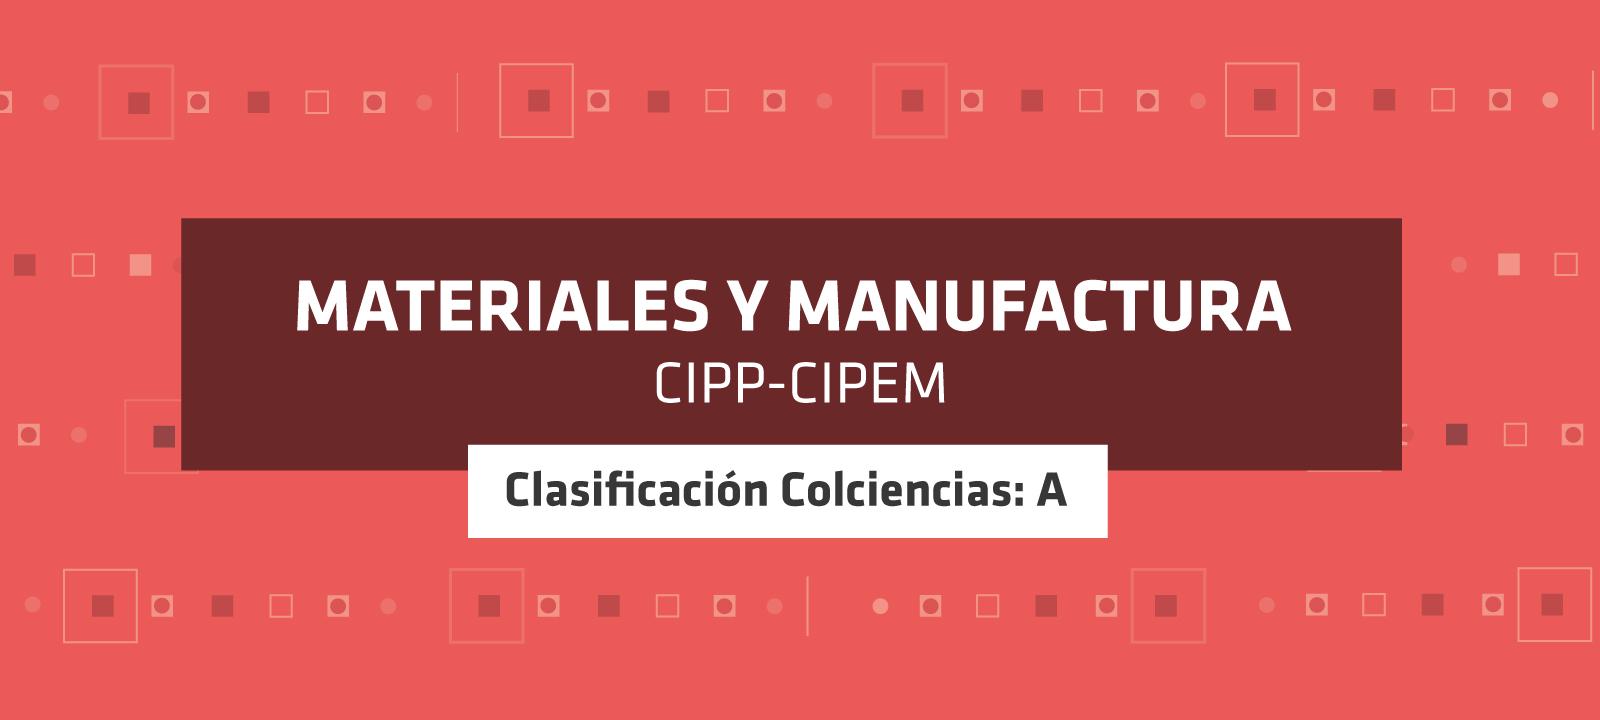 Grupo de investigación - Materiales y Manufactura | Uniandes